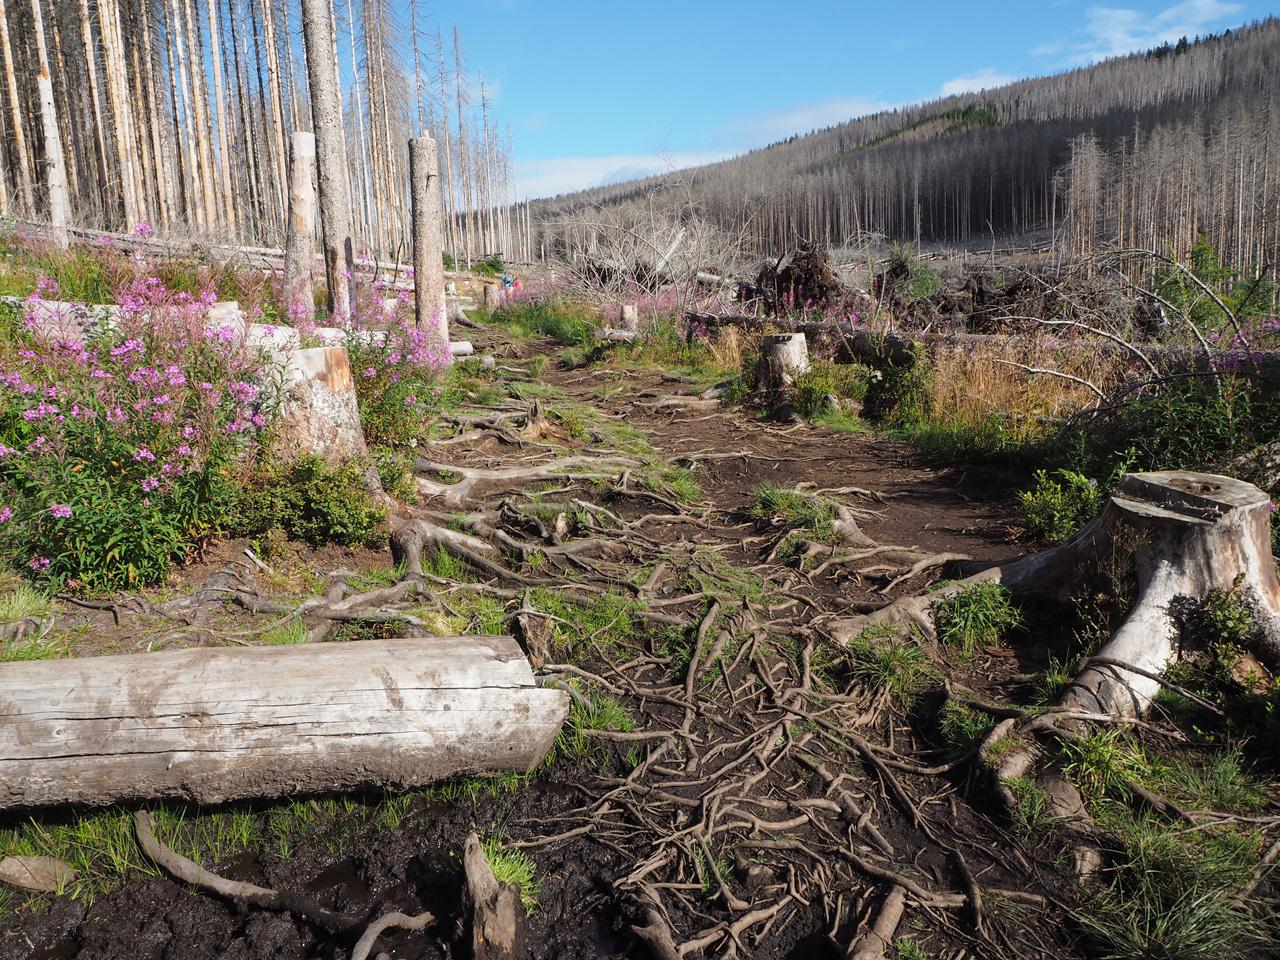 het stenen pad wordt een boomwortelpad